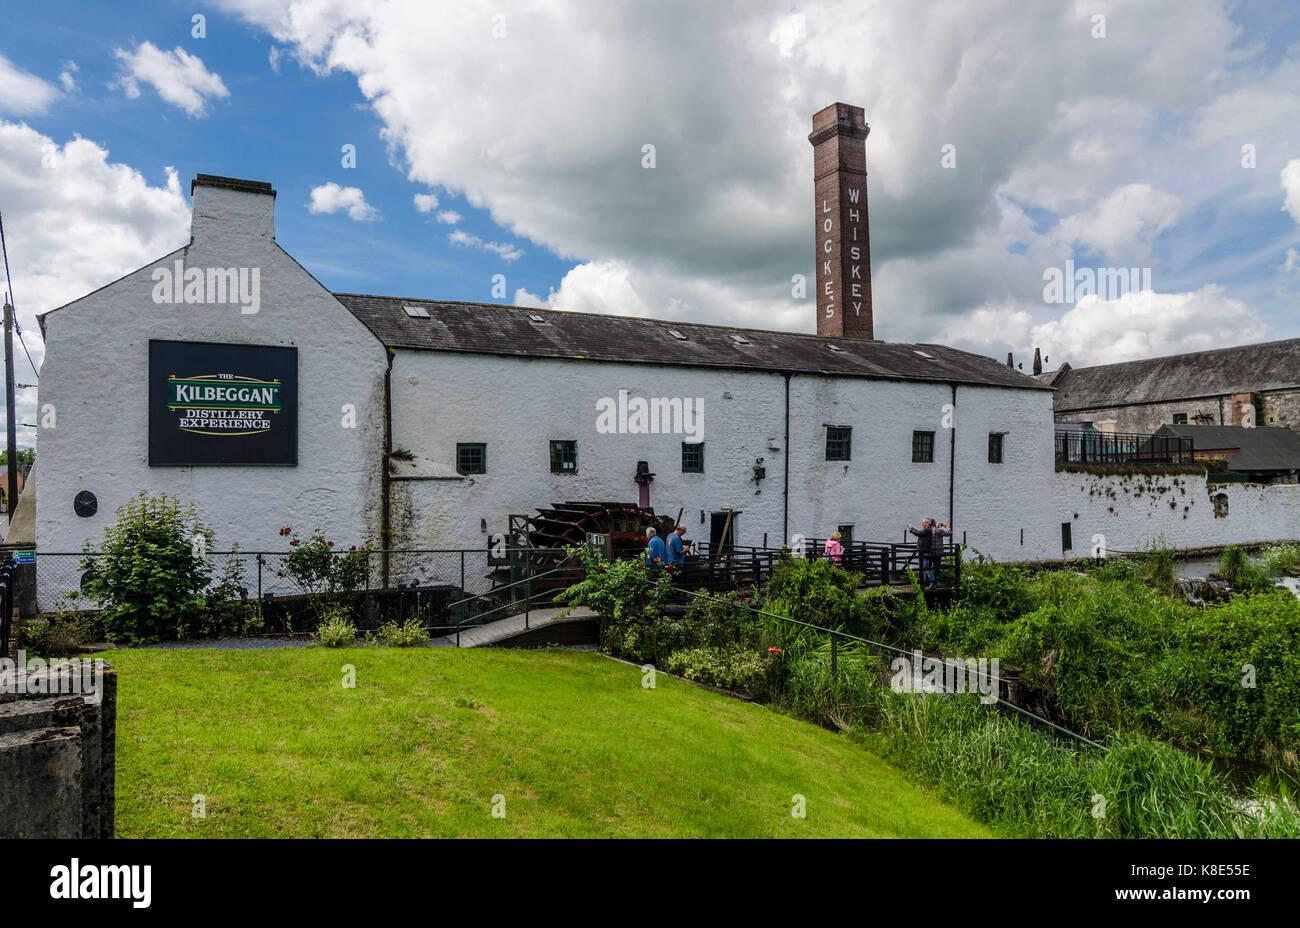 Irland, sperren? ? ?? ? ?? ? Siehe kilbeggan Distillery, die älteste ununterbrochen lizenzierte Destillerie Stockbild